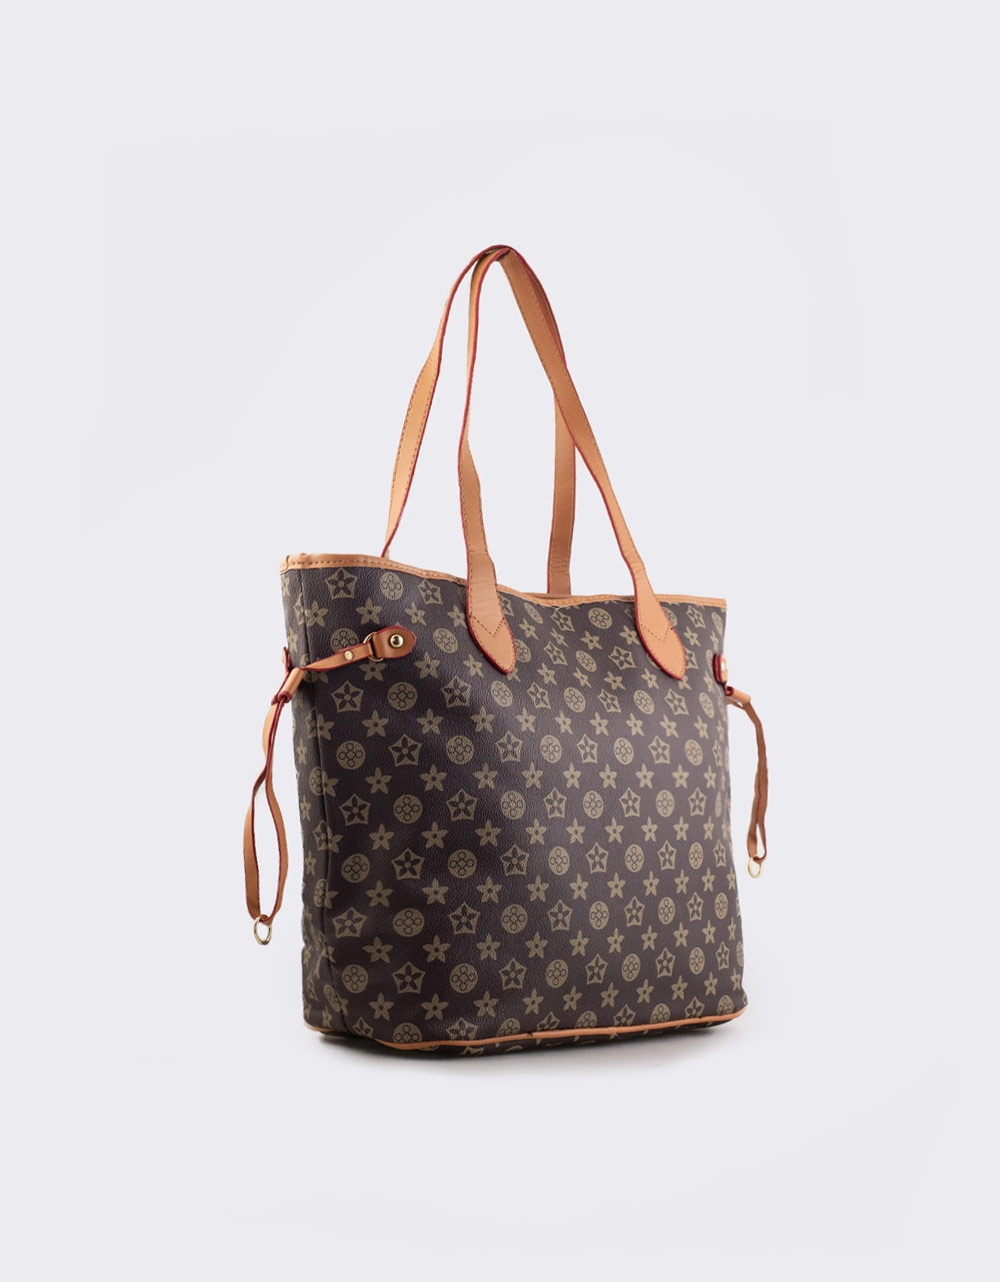 Εικόνα από Γυναικεία τσάντα ώμου με διακοσμητικά λουράκια Καφέ